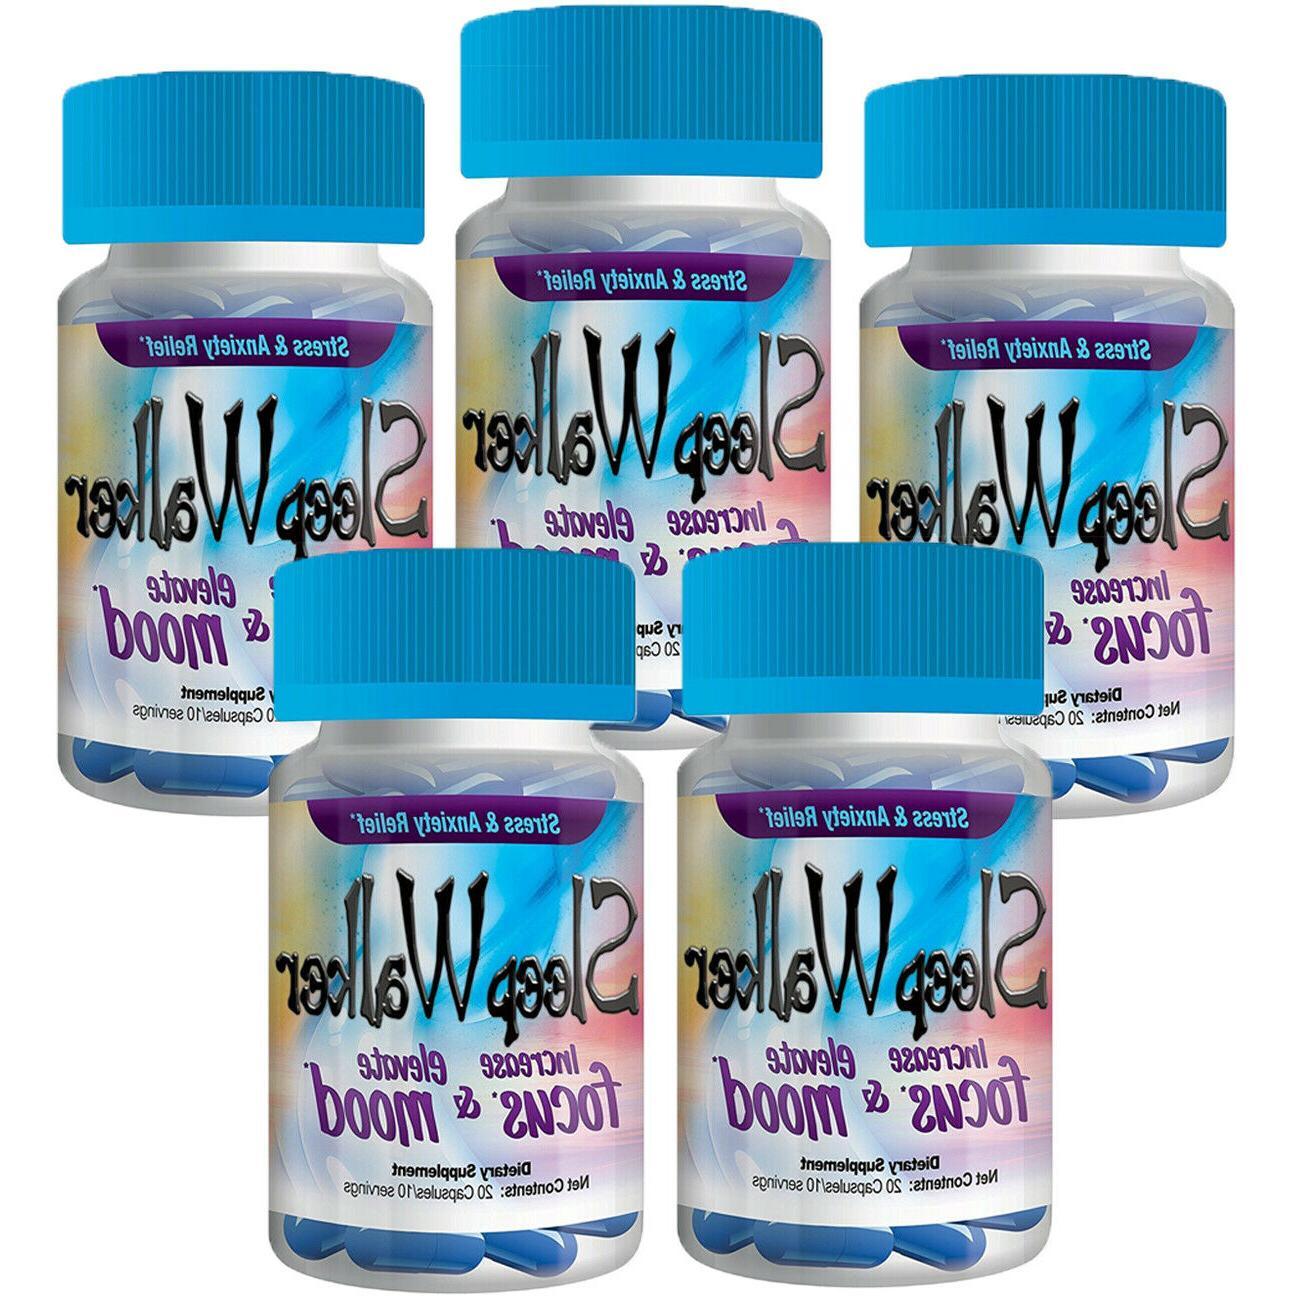 100 pills sleep walker capsules focus